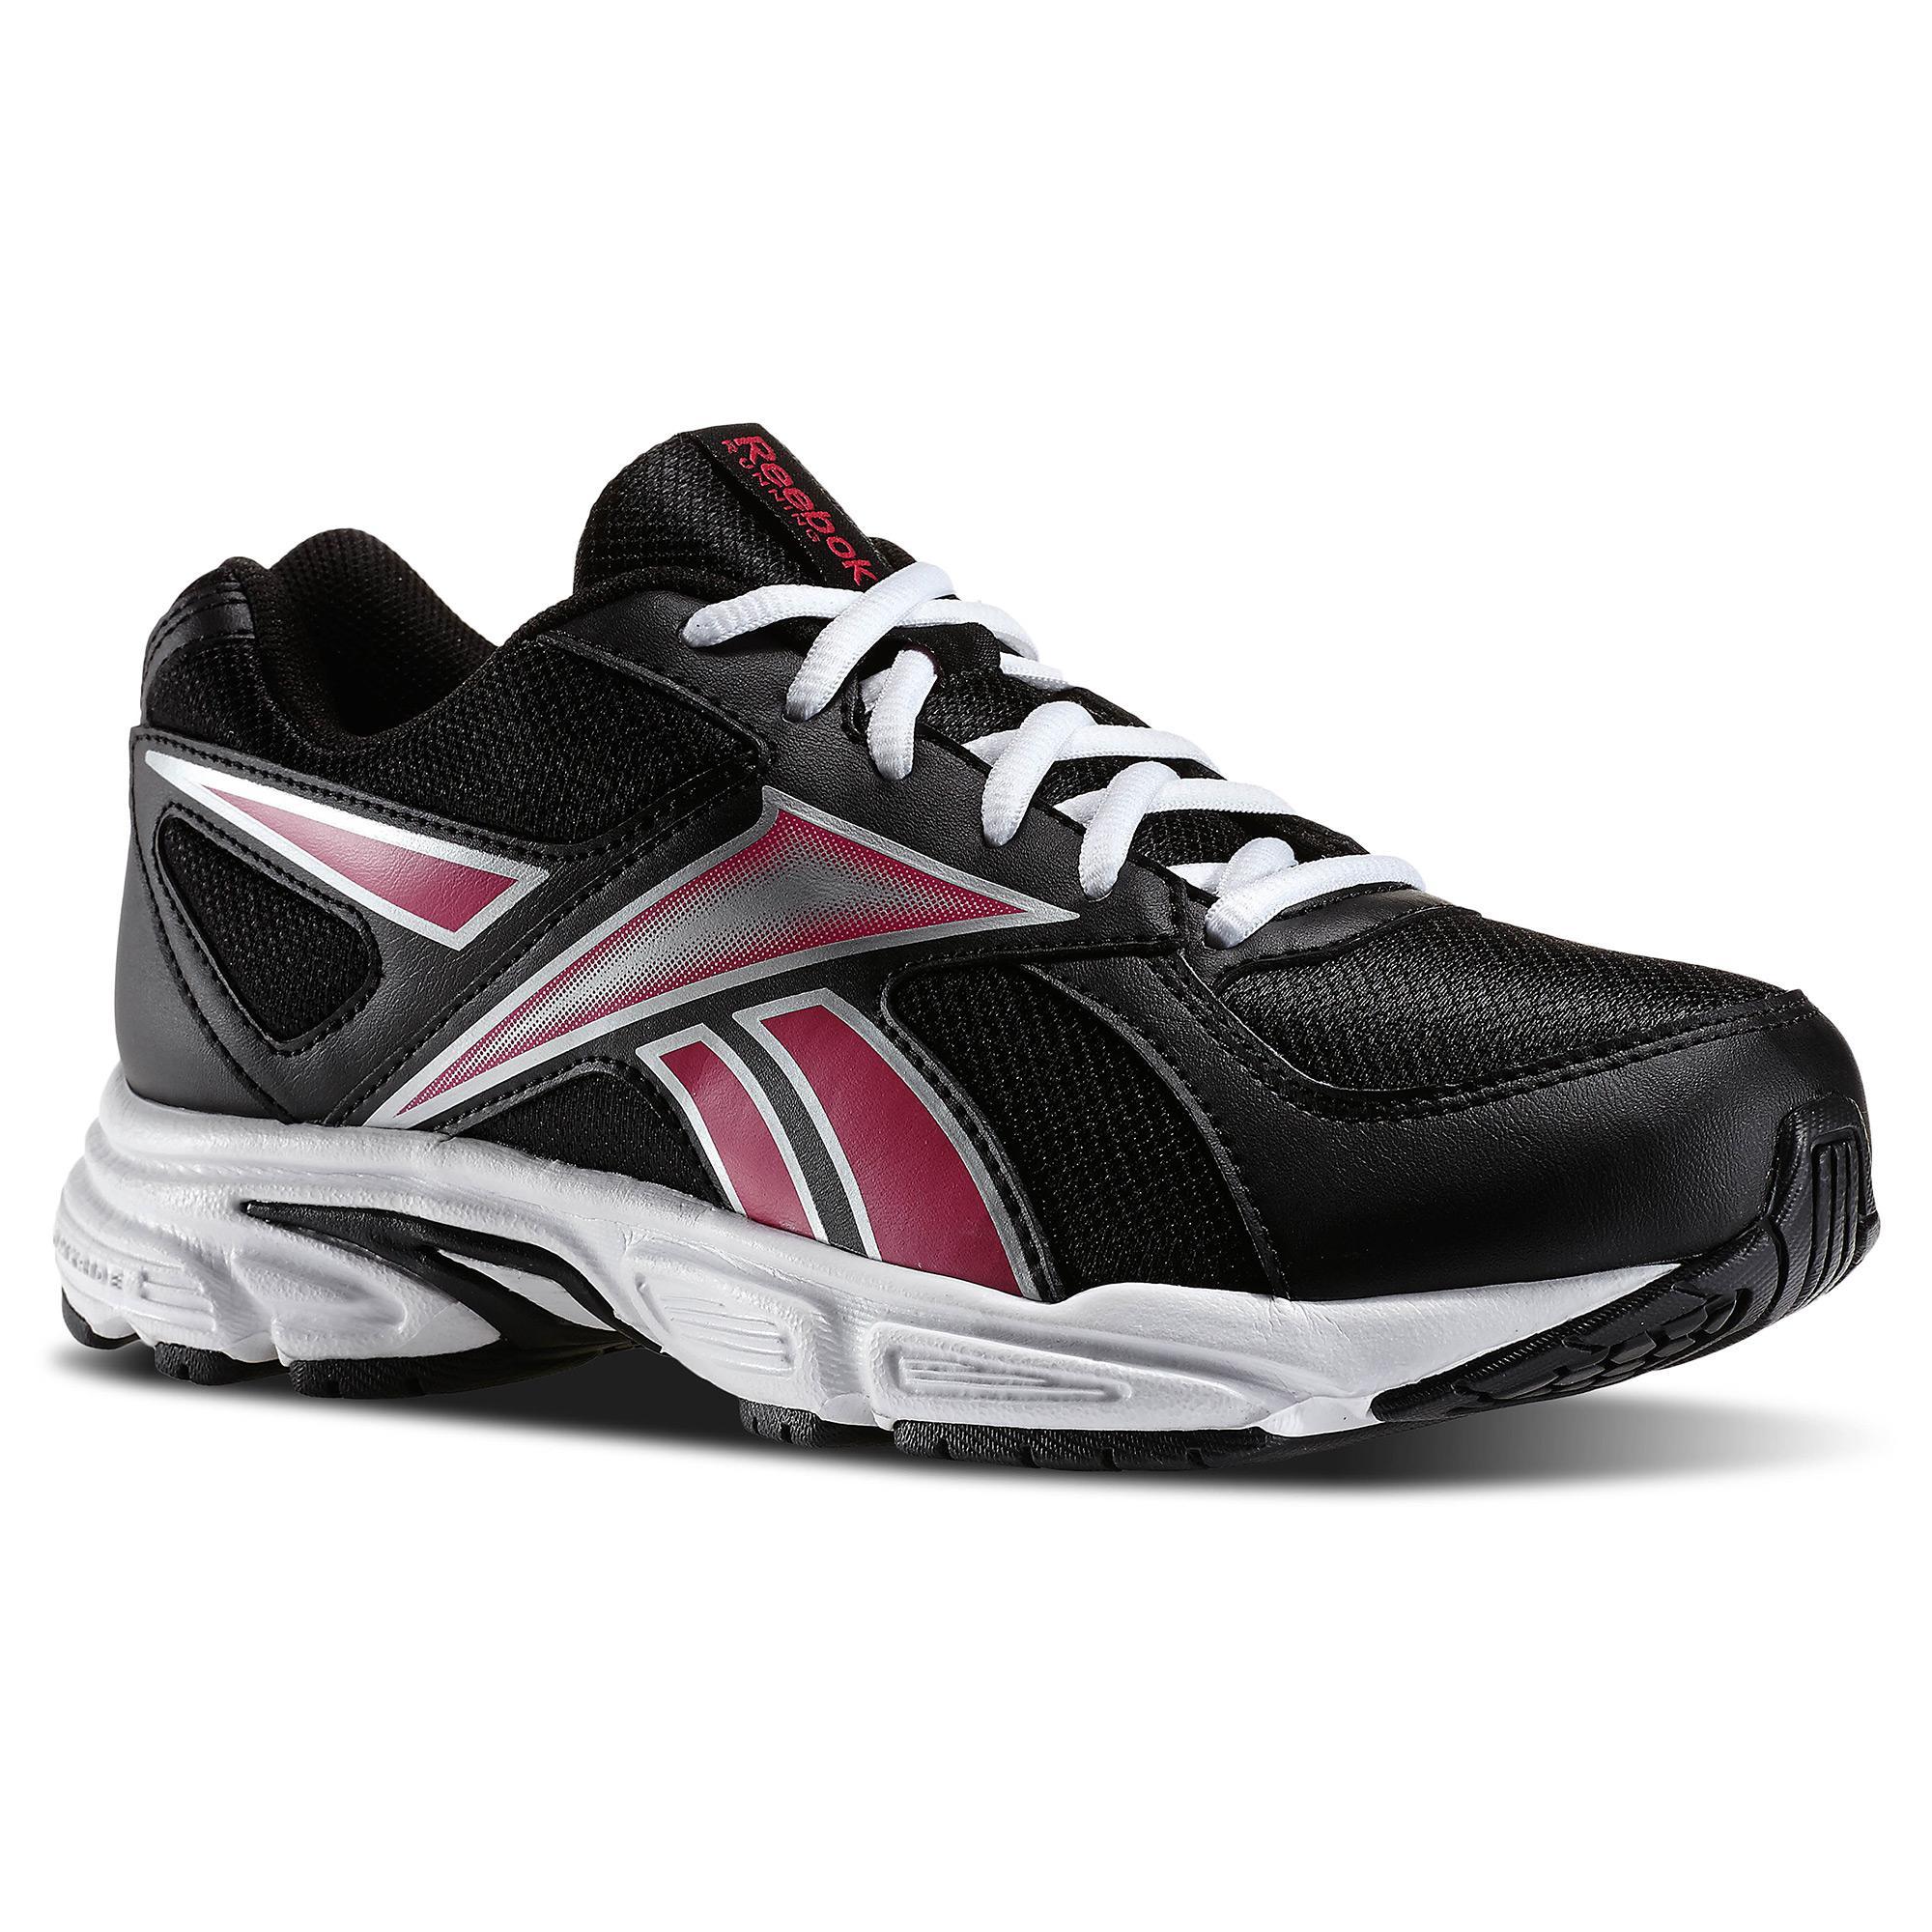 Chaussures de running femme Reebok Tranz Runner RS